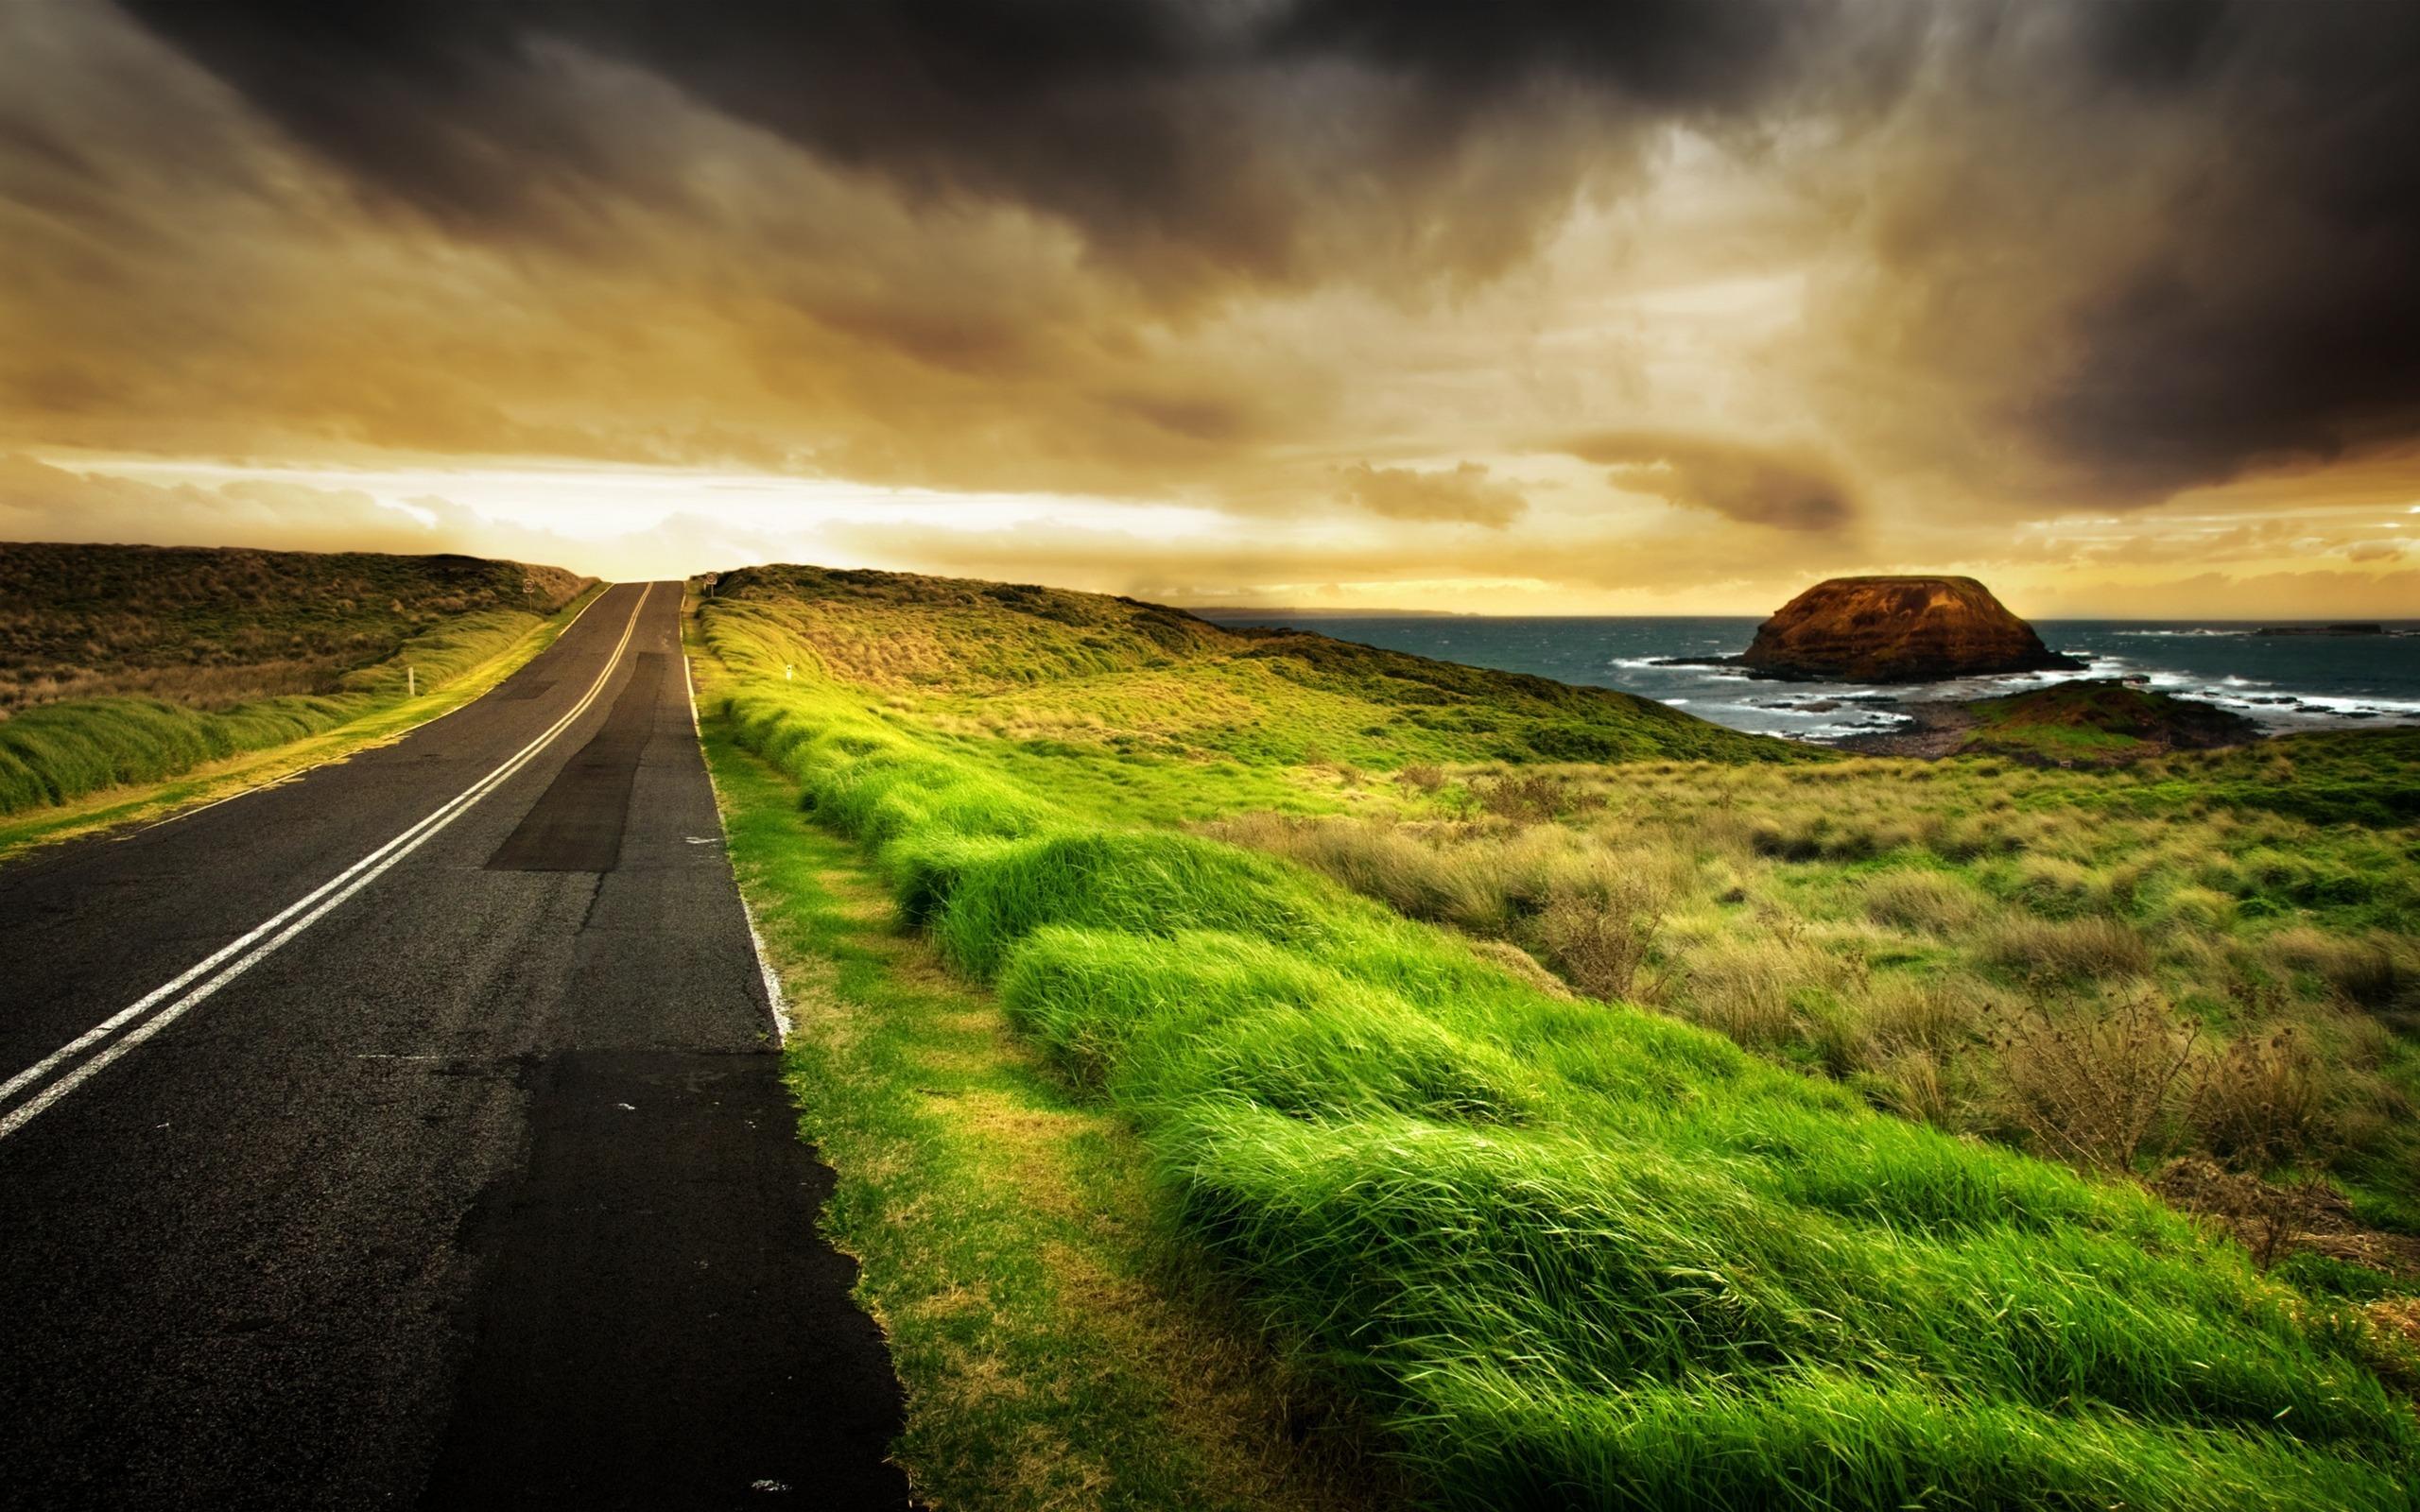 прямое шоссе вдоль травы, зеленая травка, асфальт, скачать фото